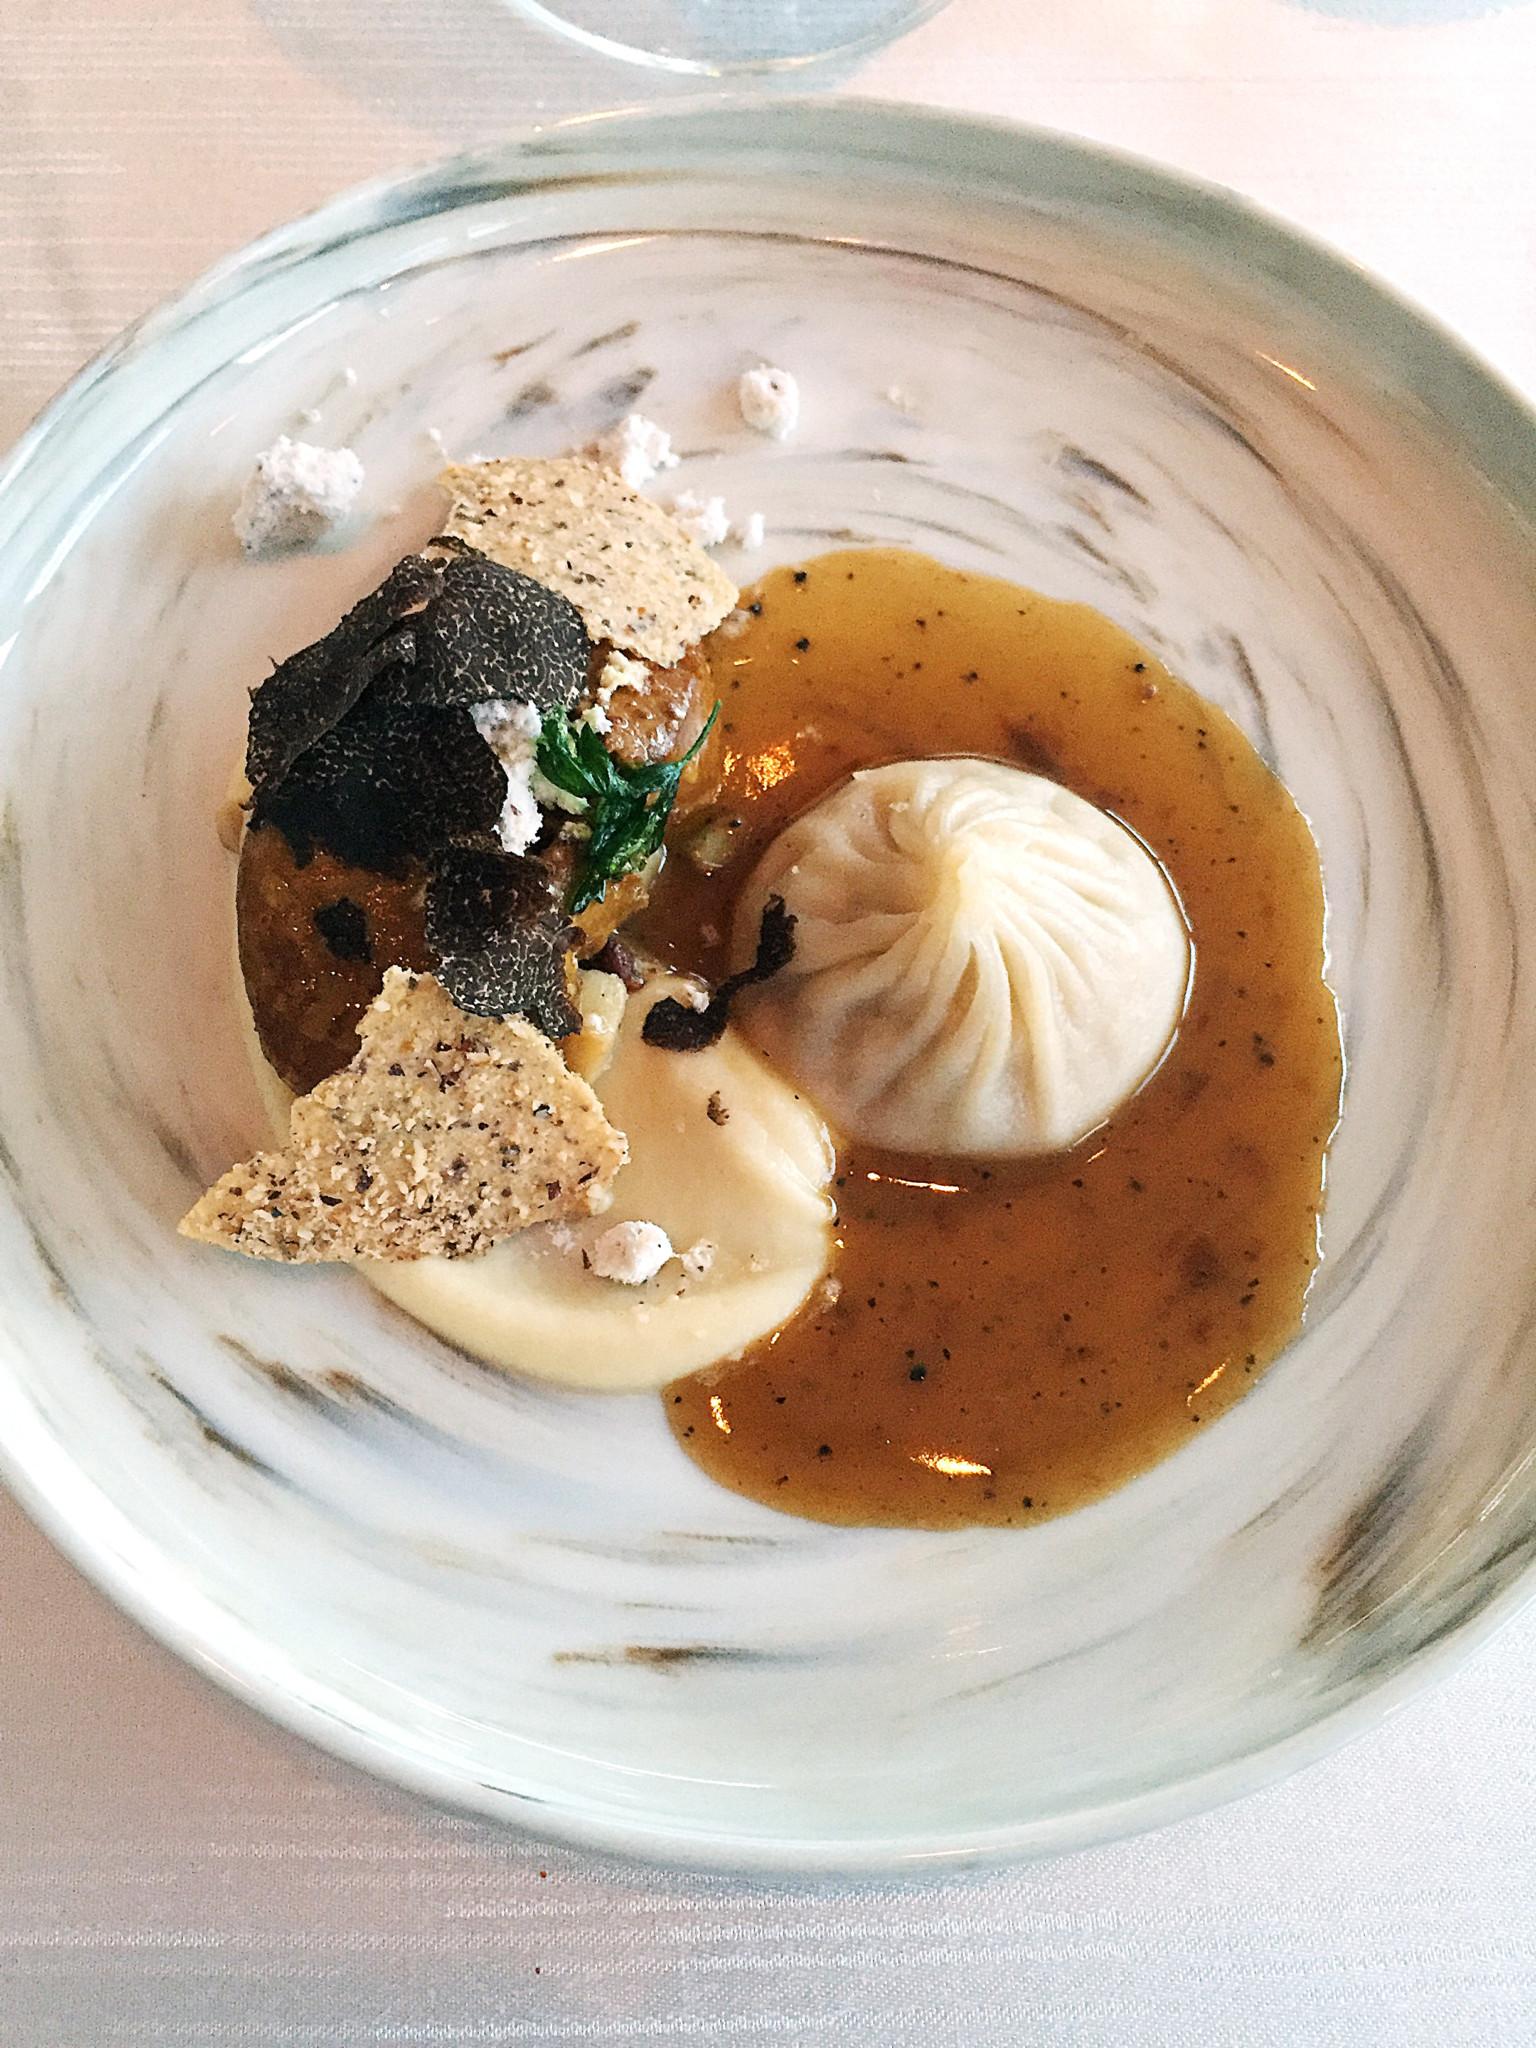 Third Course- Dumpling